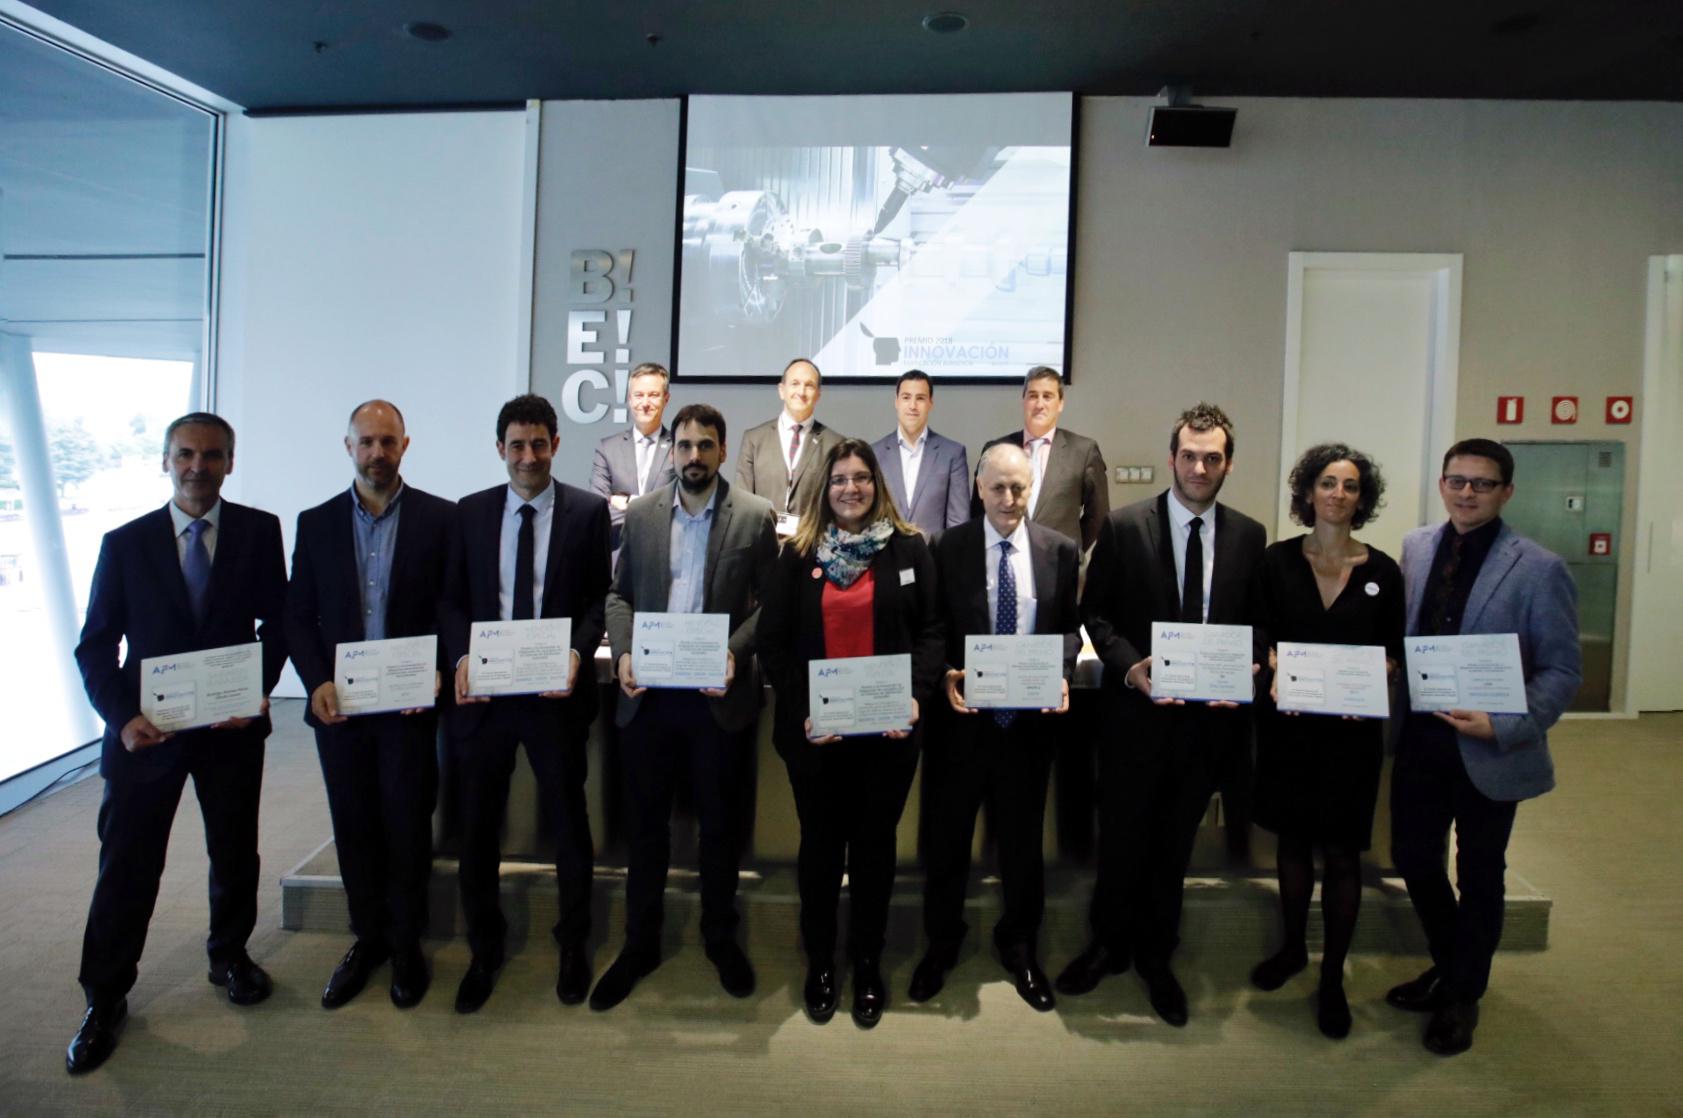 ZAYER, CORREA, ADDILAN y SAVVY, ganadores de los premios a la innovación en fabricación avanzada y digital 2018